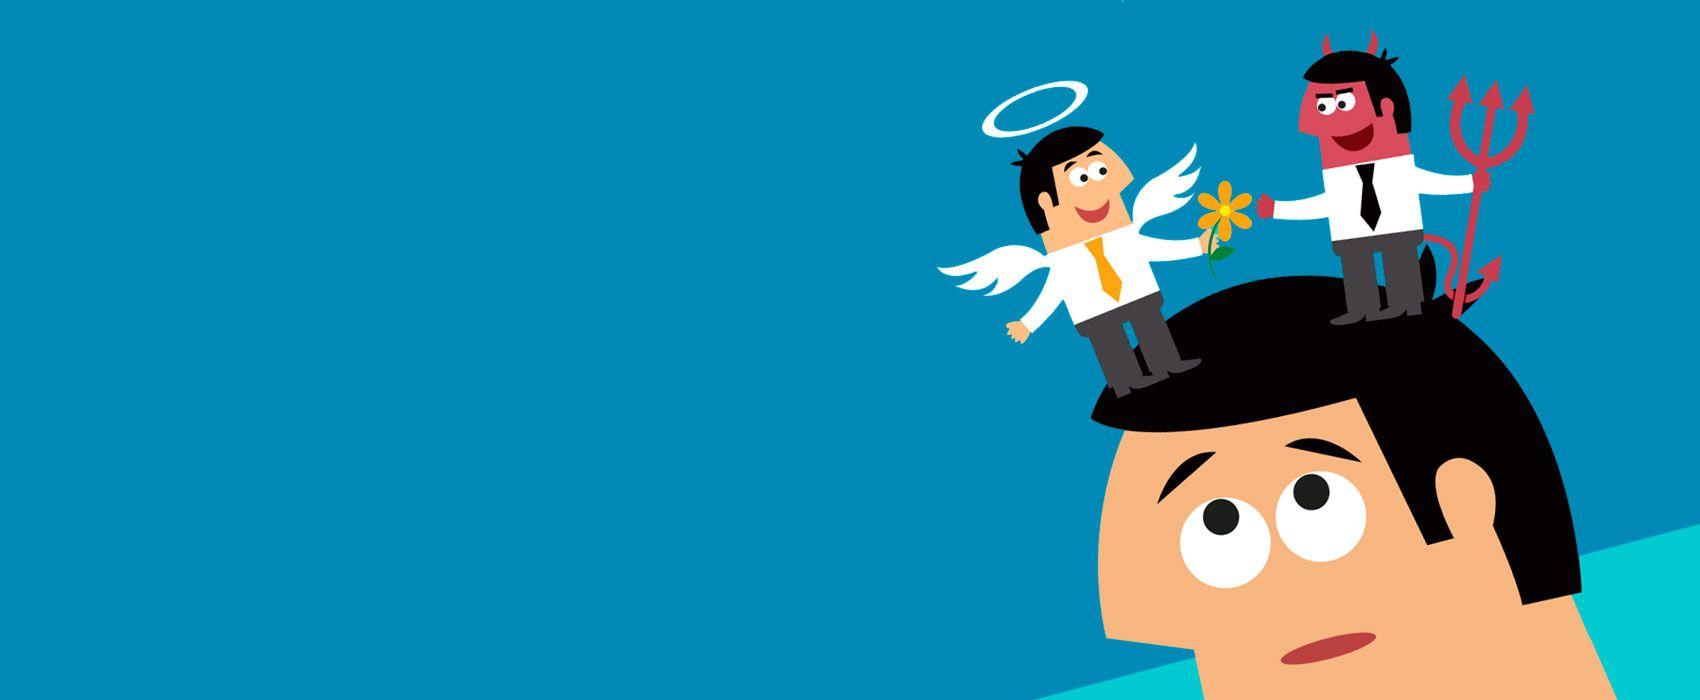 La ética en las organizaciones.